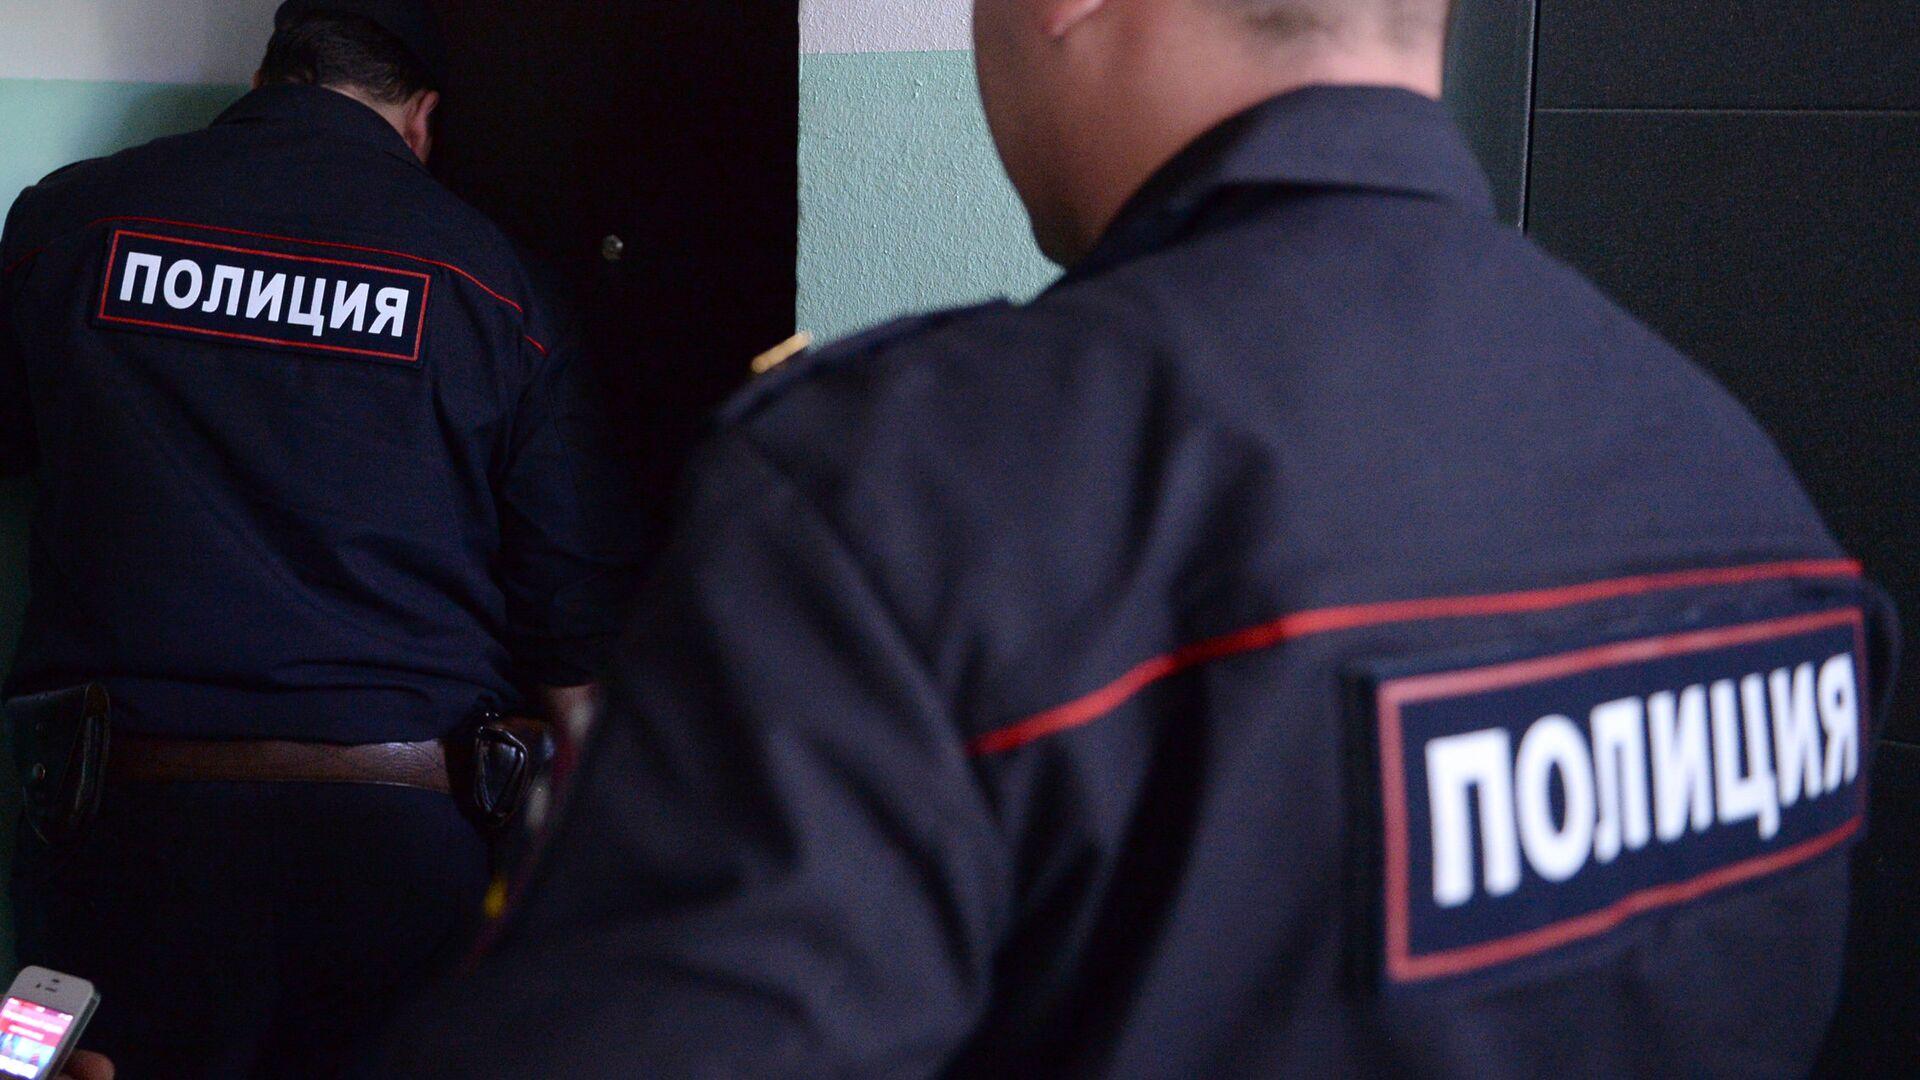 Полицейские. Архивное фото - РИА Новости, 1920, 19.01.2021